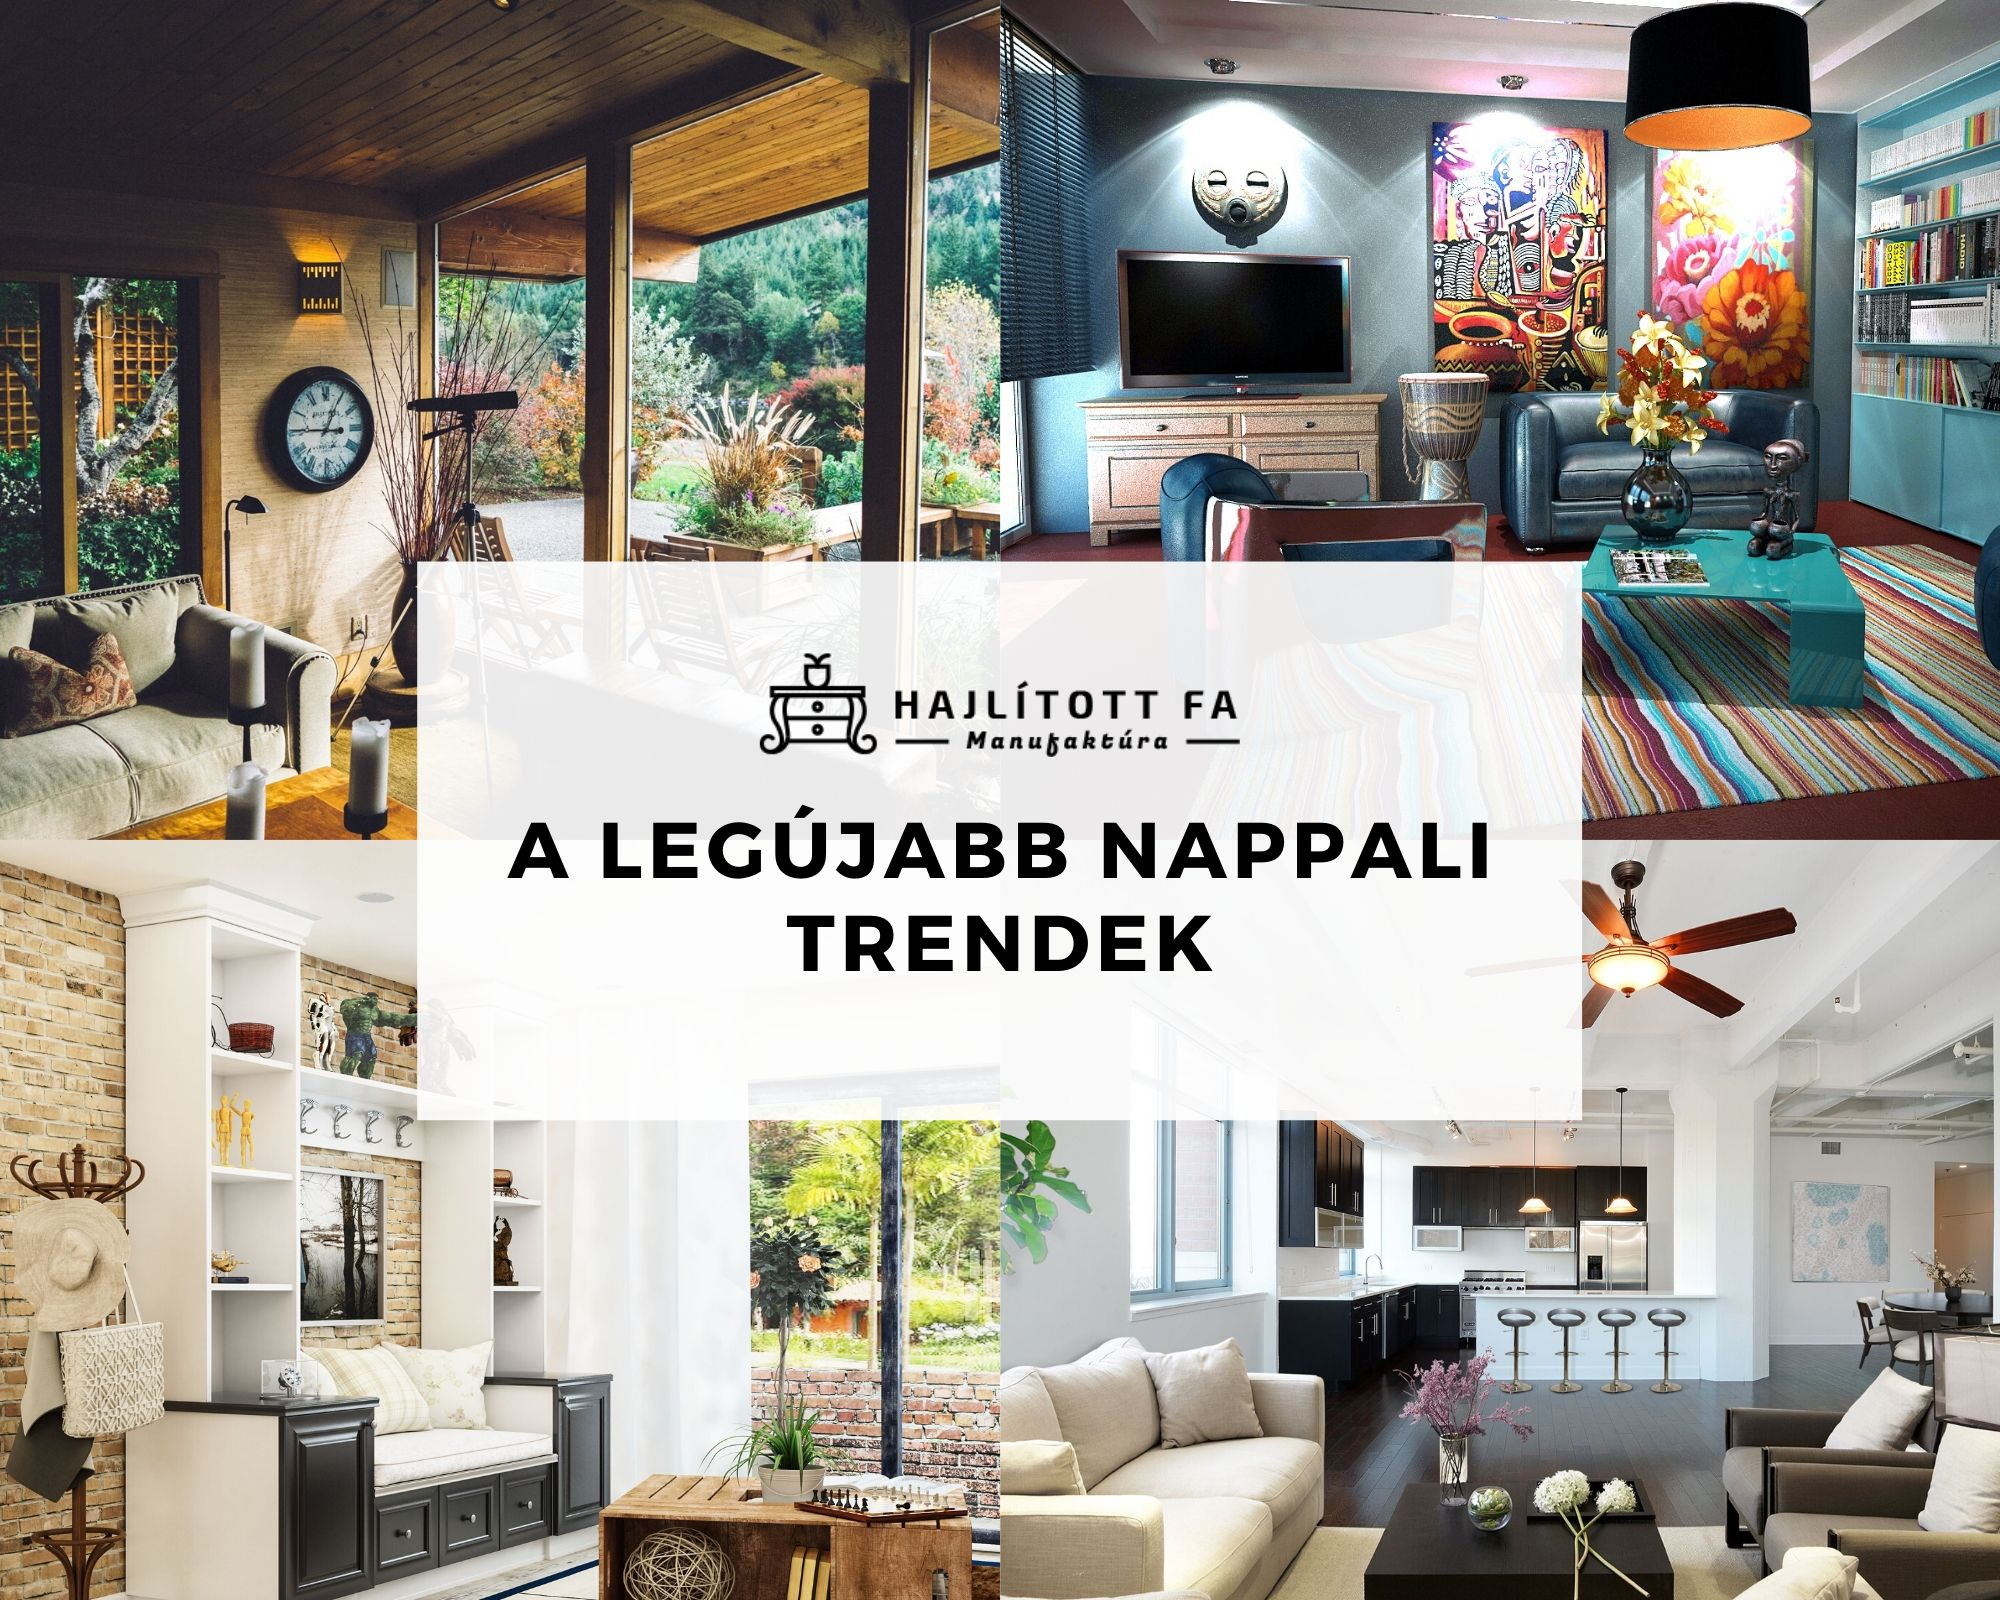 Legújabb nappali szoba trendek, berendezés, design 2020,2021